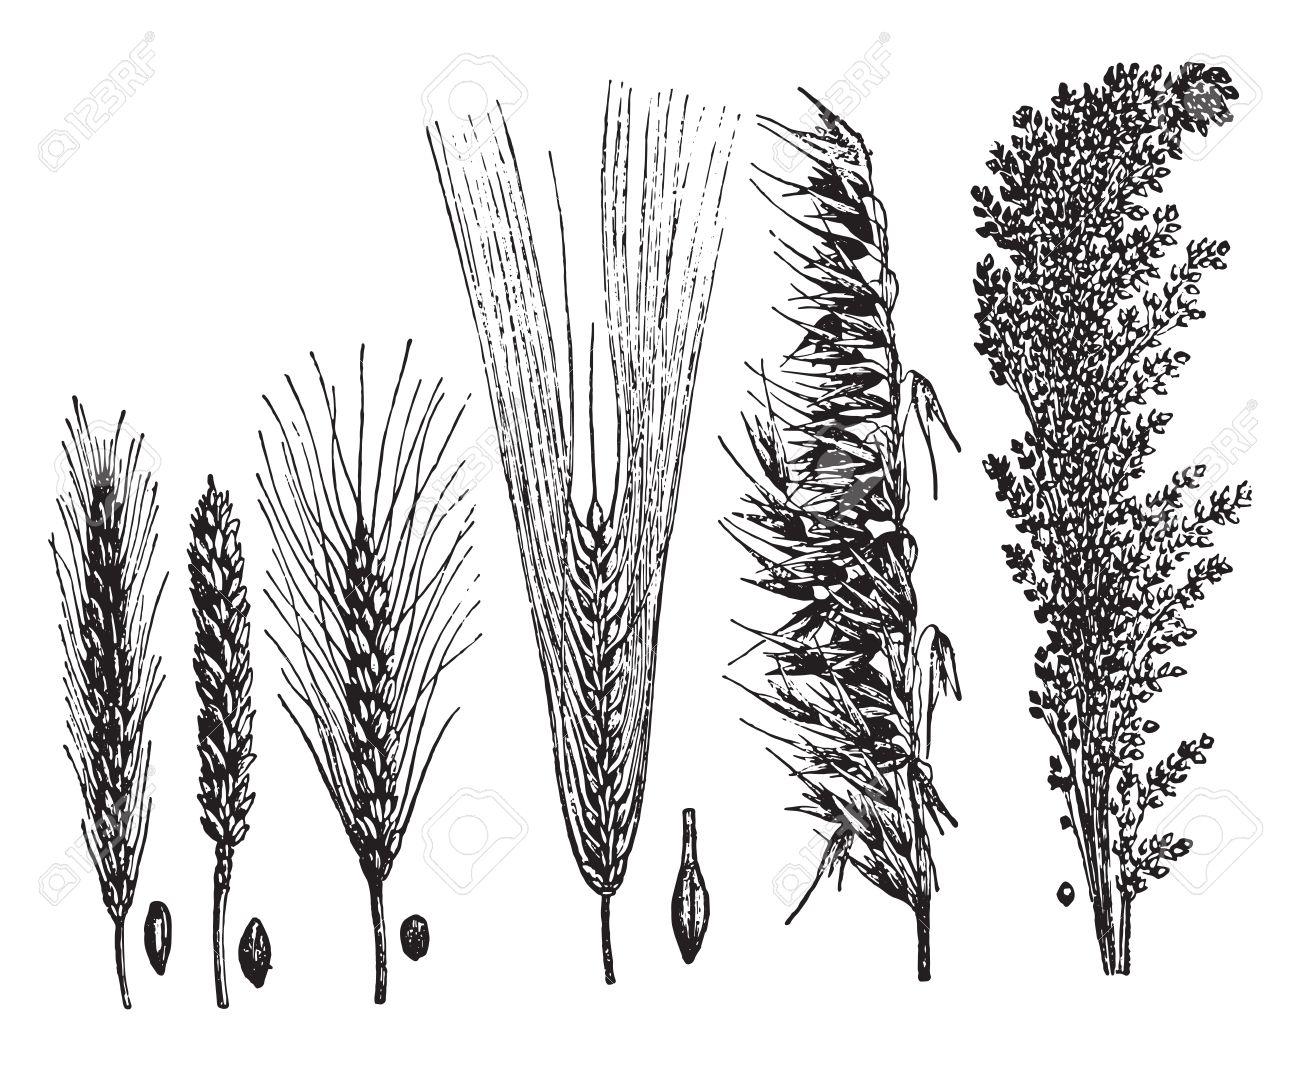 Cereals, vintage engraved illustration. La Vie dans la nature, 1890. - 41784799